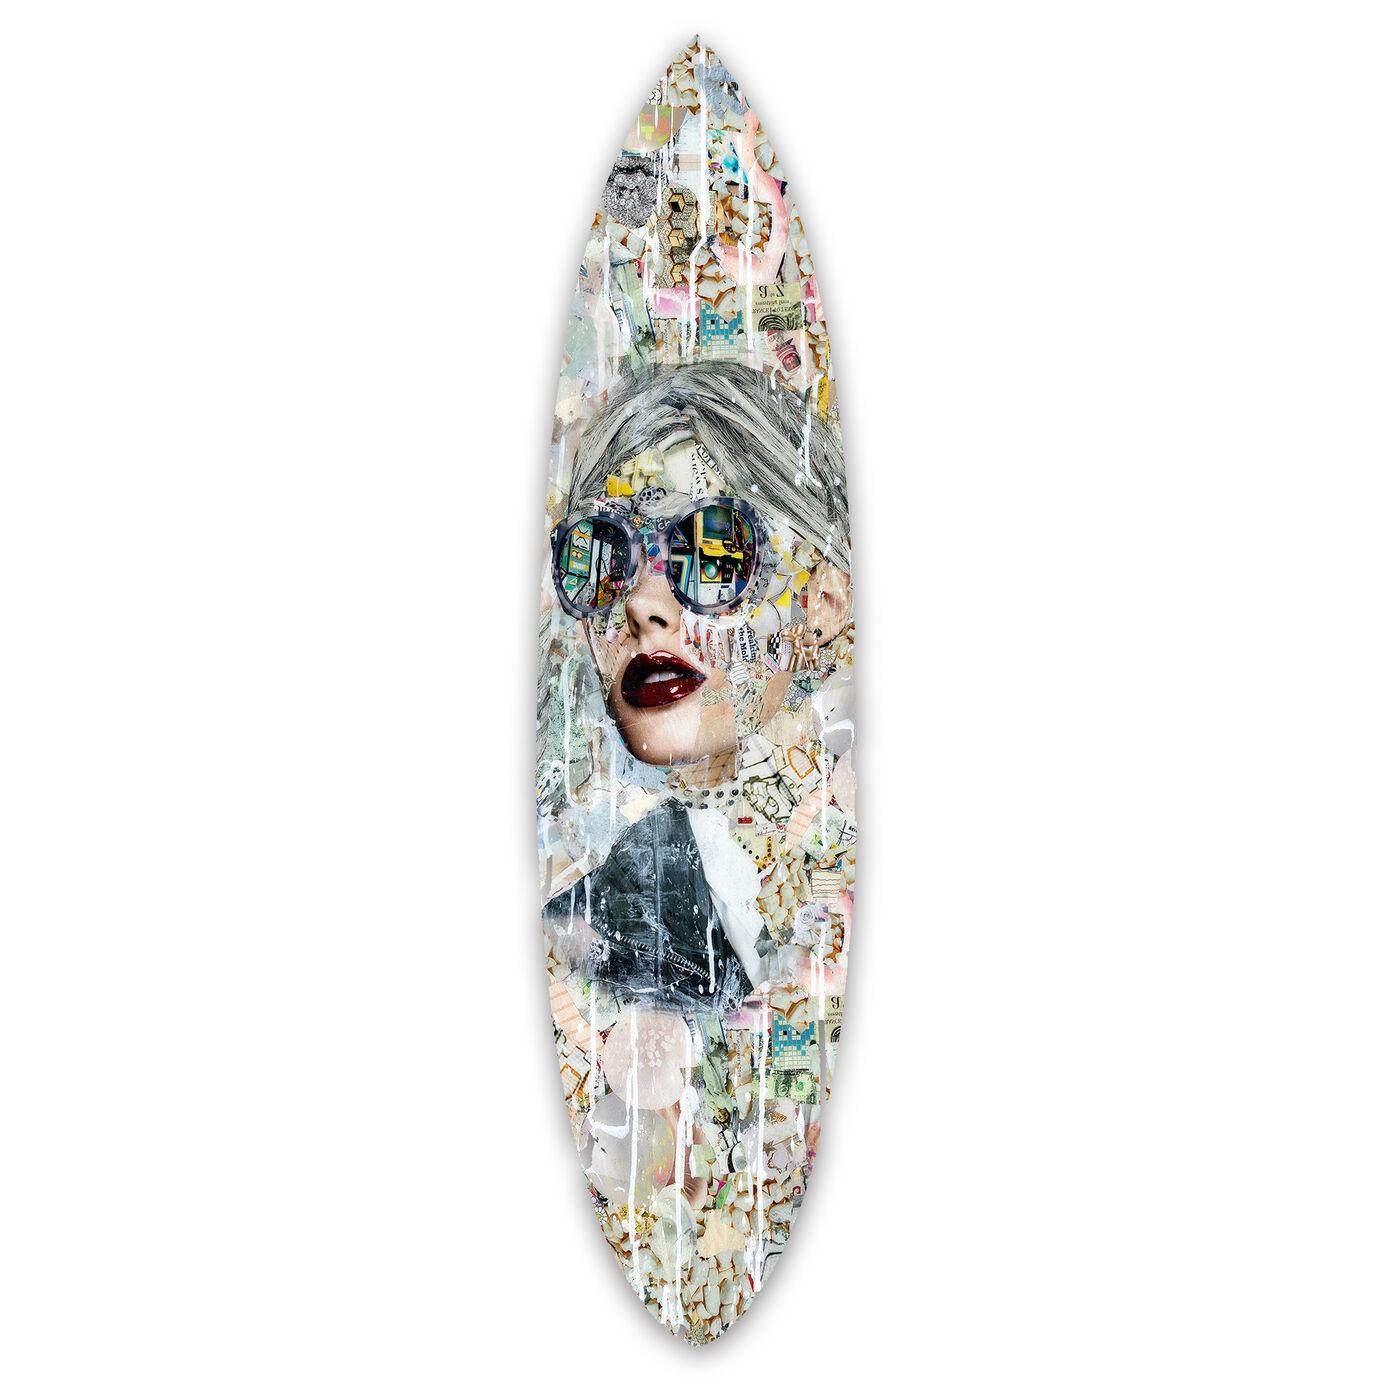 Katy Hirschfeld - Galaxy Surfboard